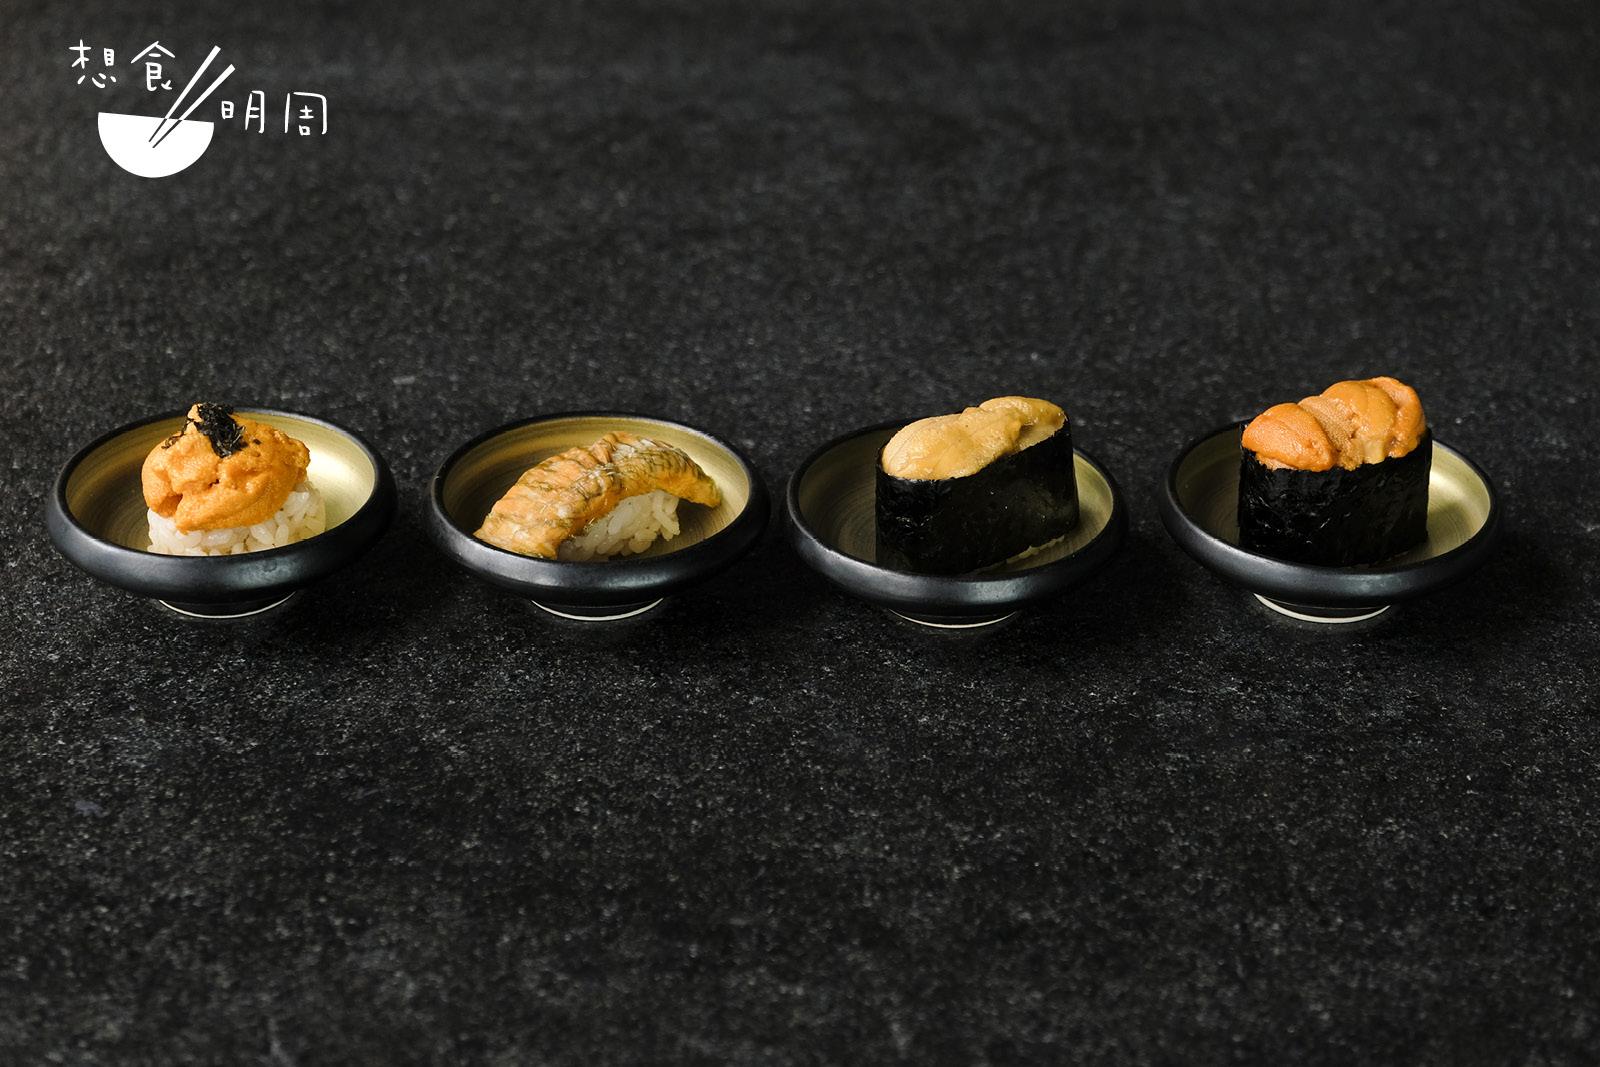 「特選海膽壽司」包括鹽水海膽、昆布漬海膽、宮城縣紫海膽和北海道禮文島馬糞海膽。(從左至右)